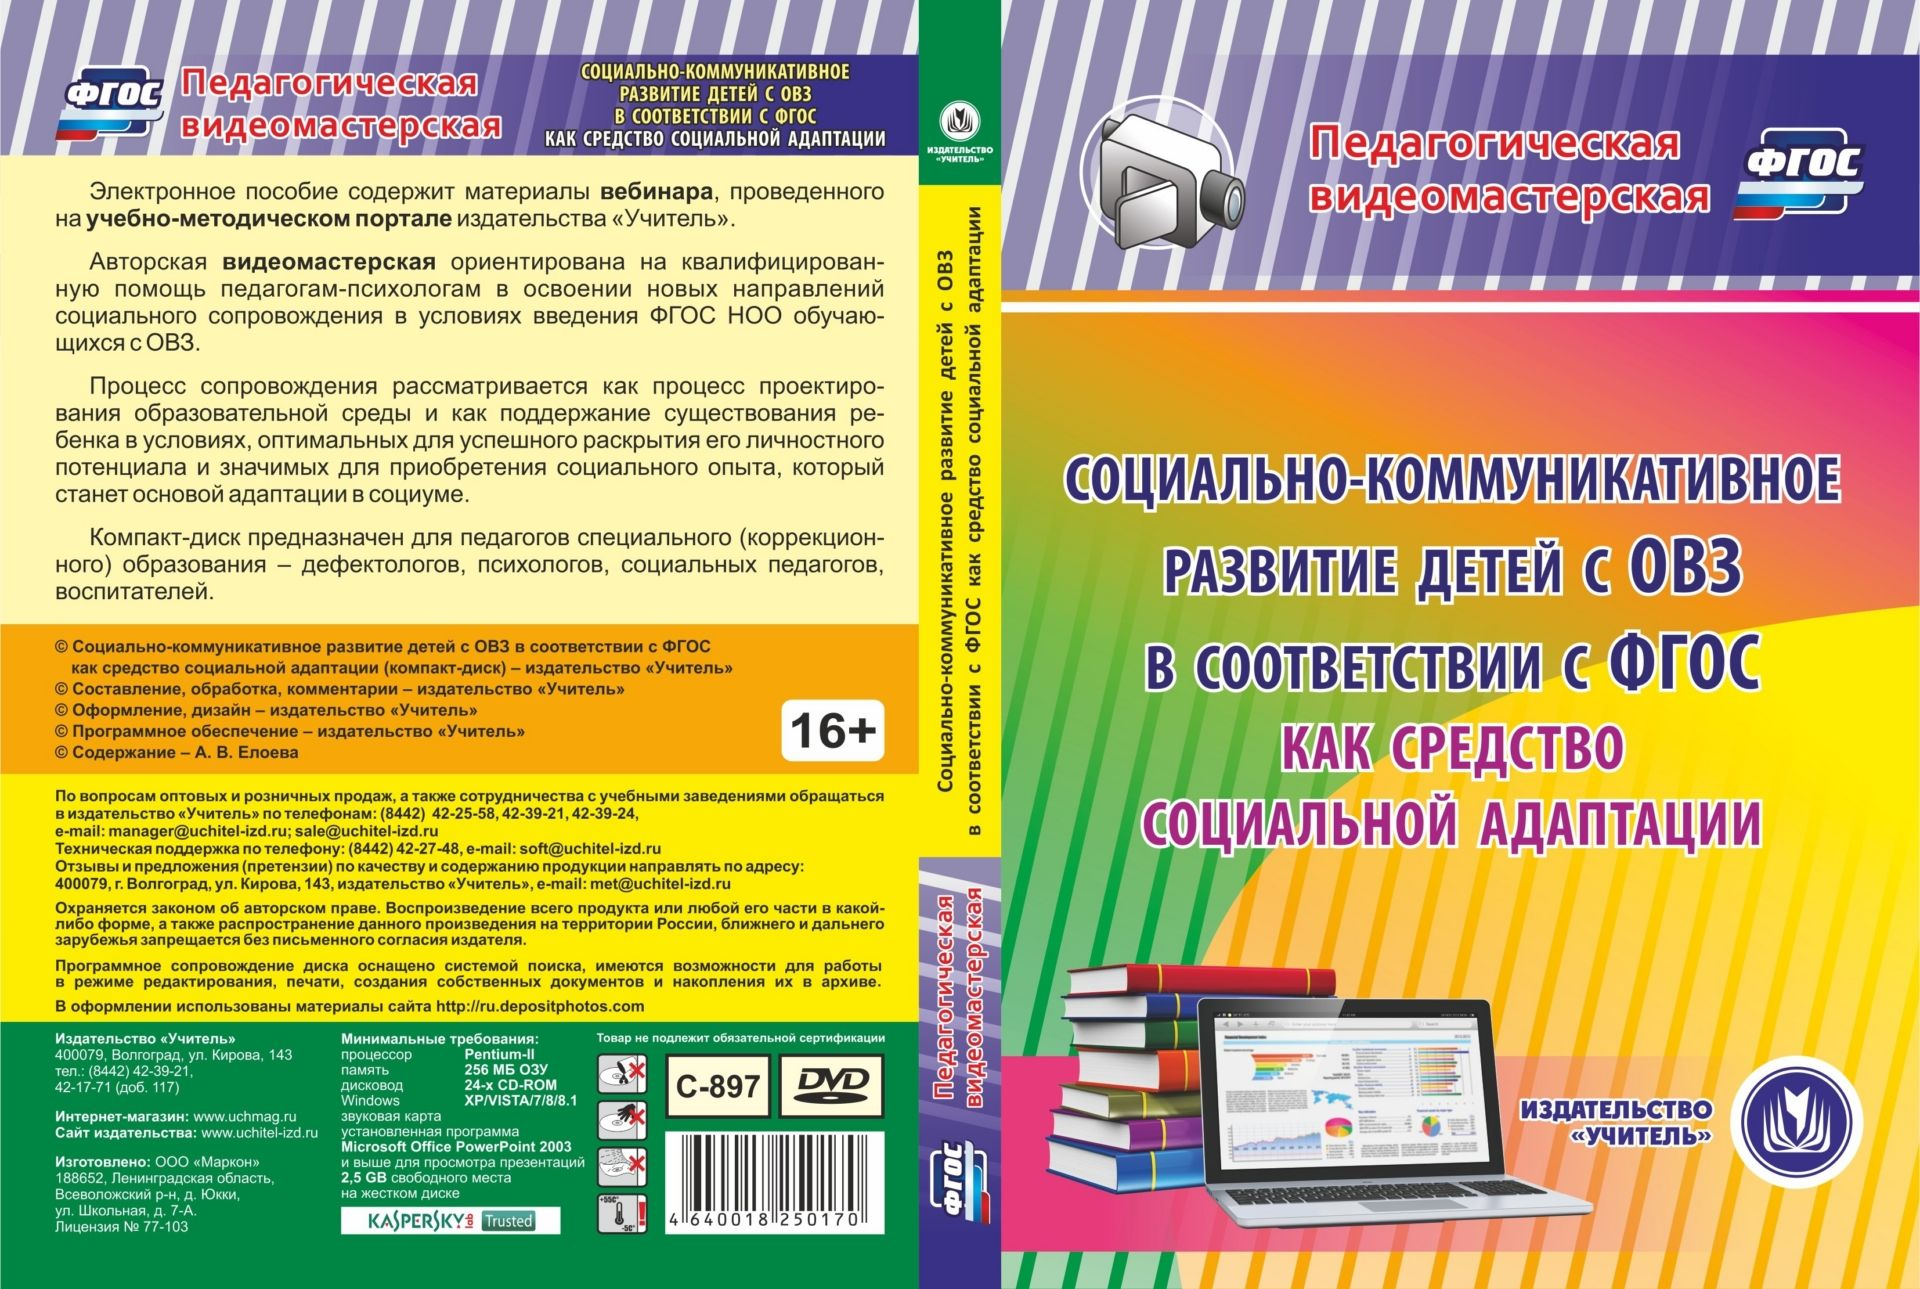 Социально-коммуникативное развитие детей с ОВЗ в соответствии с ФГОС как средство социальной адаптации. Компакт-диск для компьютера